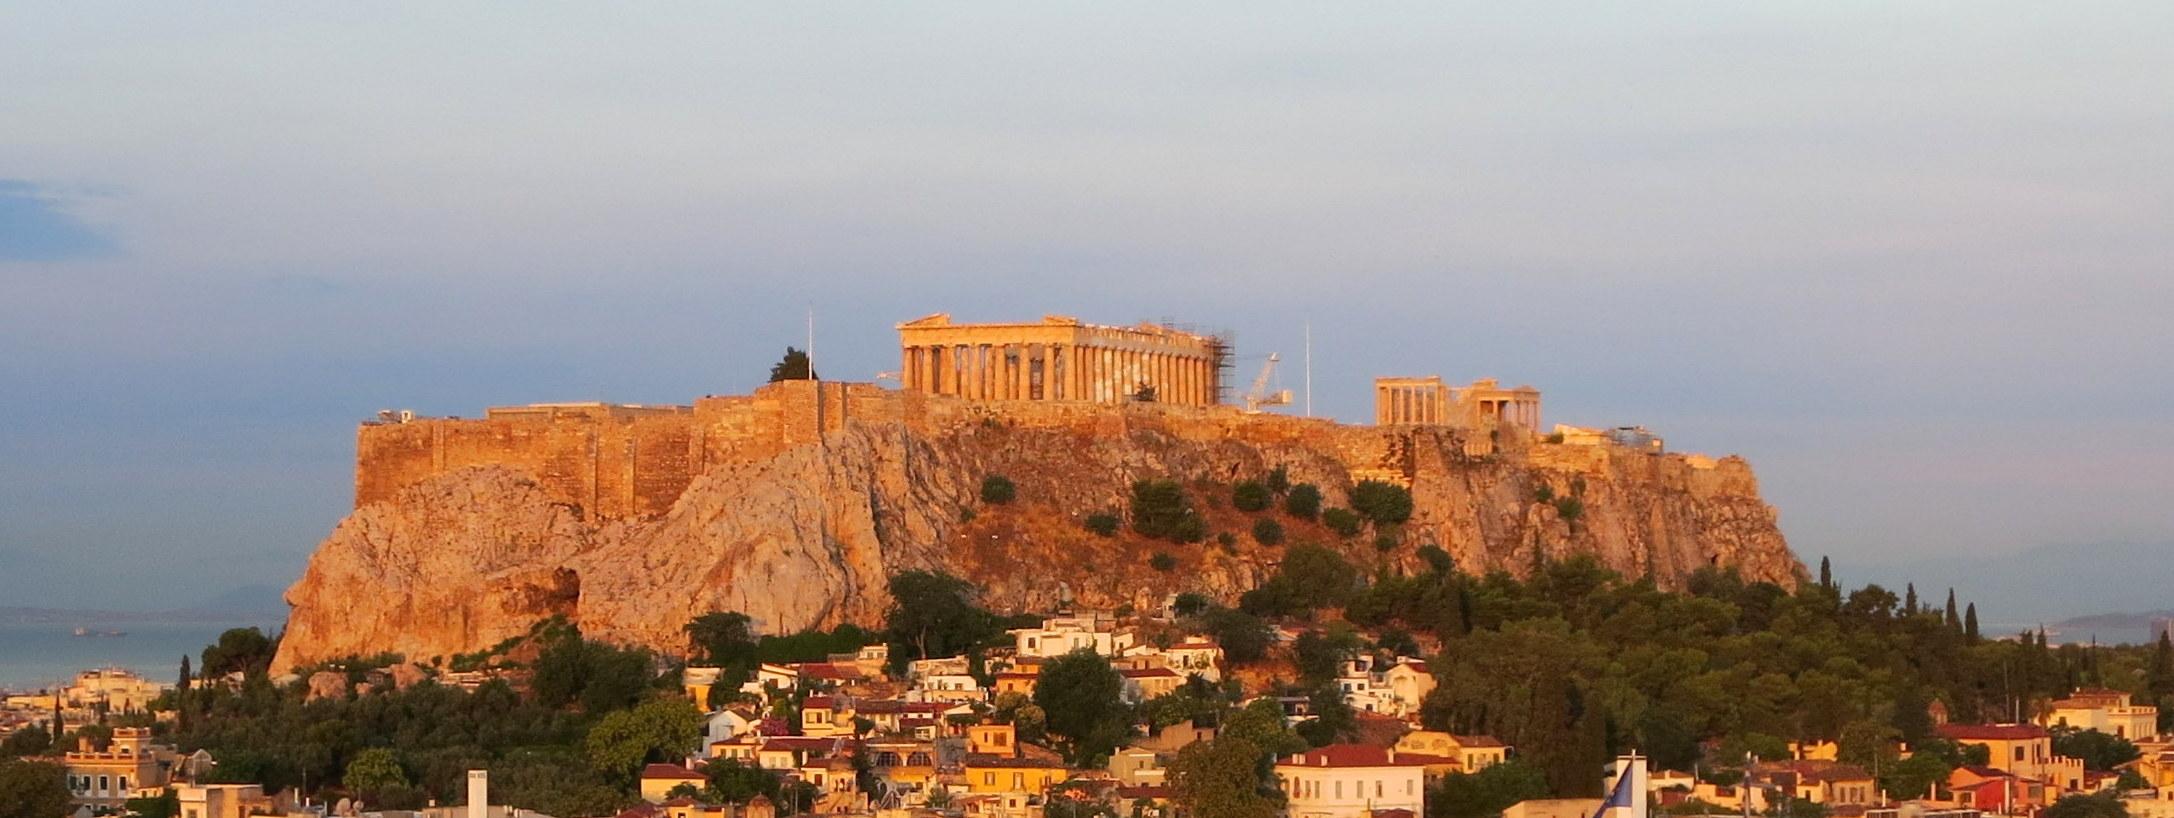 ギリシャ その1_c0194469_544244.jpg